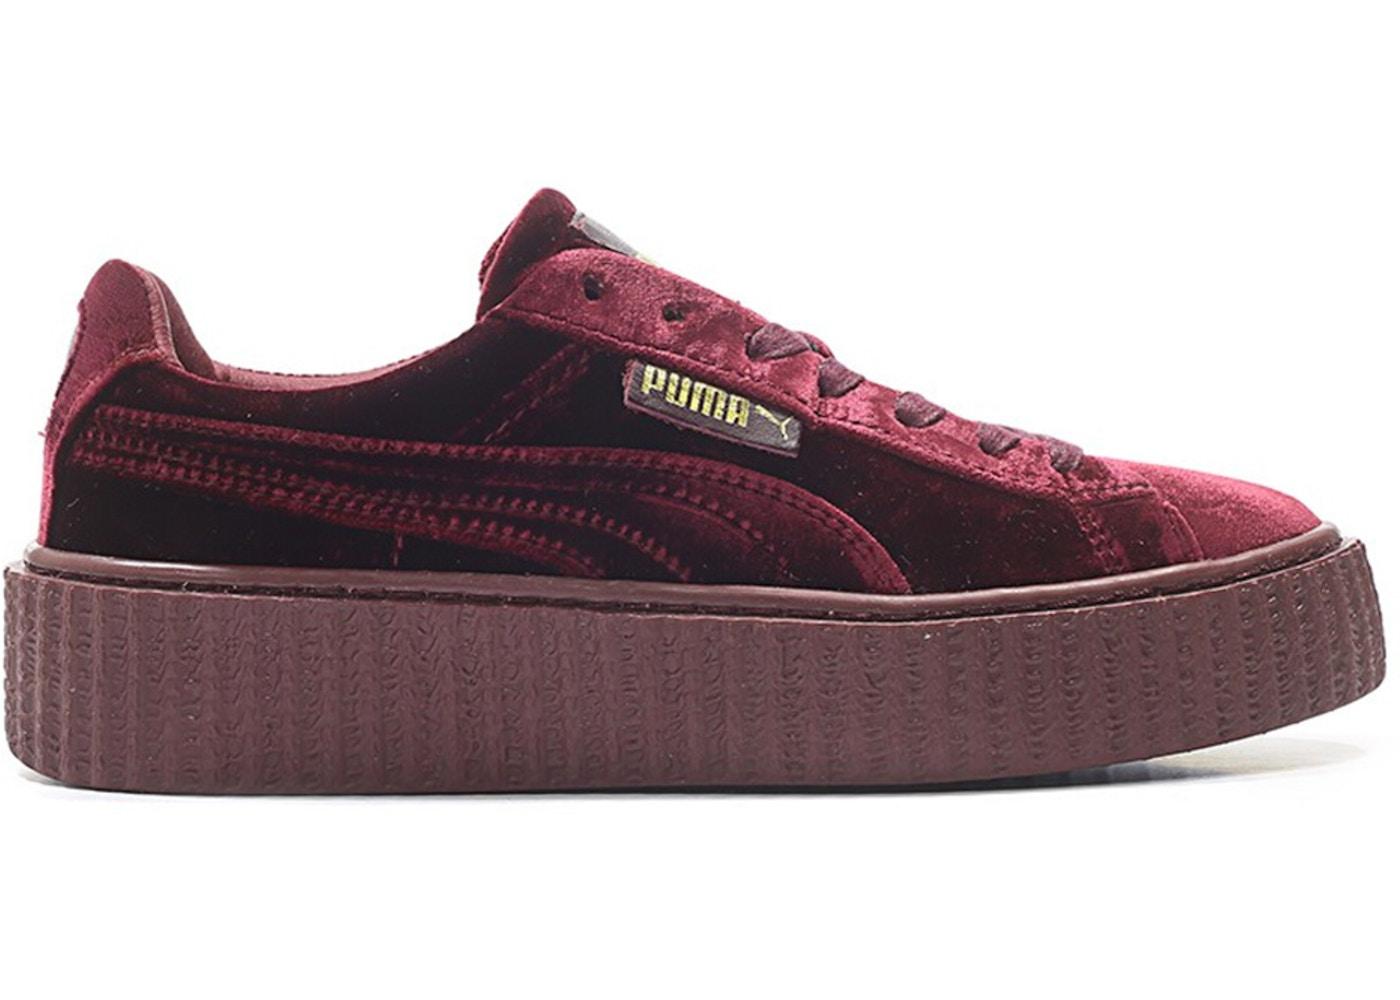 70c42fc3cc5 Puma Size 11 Shoes - Lowest Ask